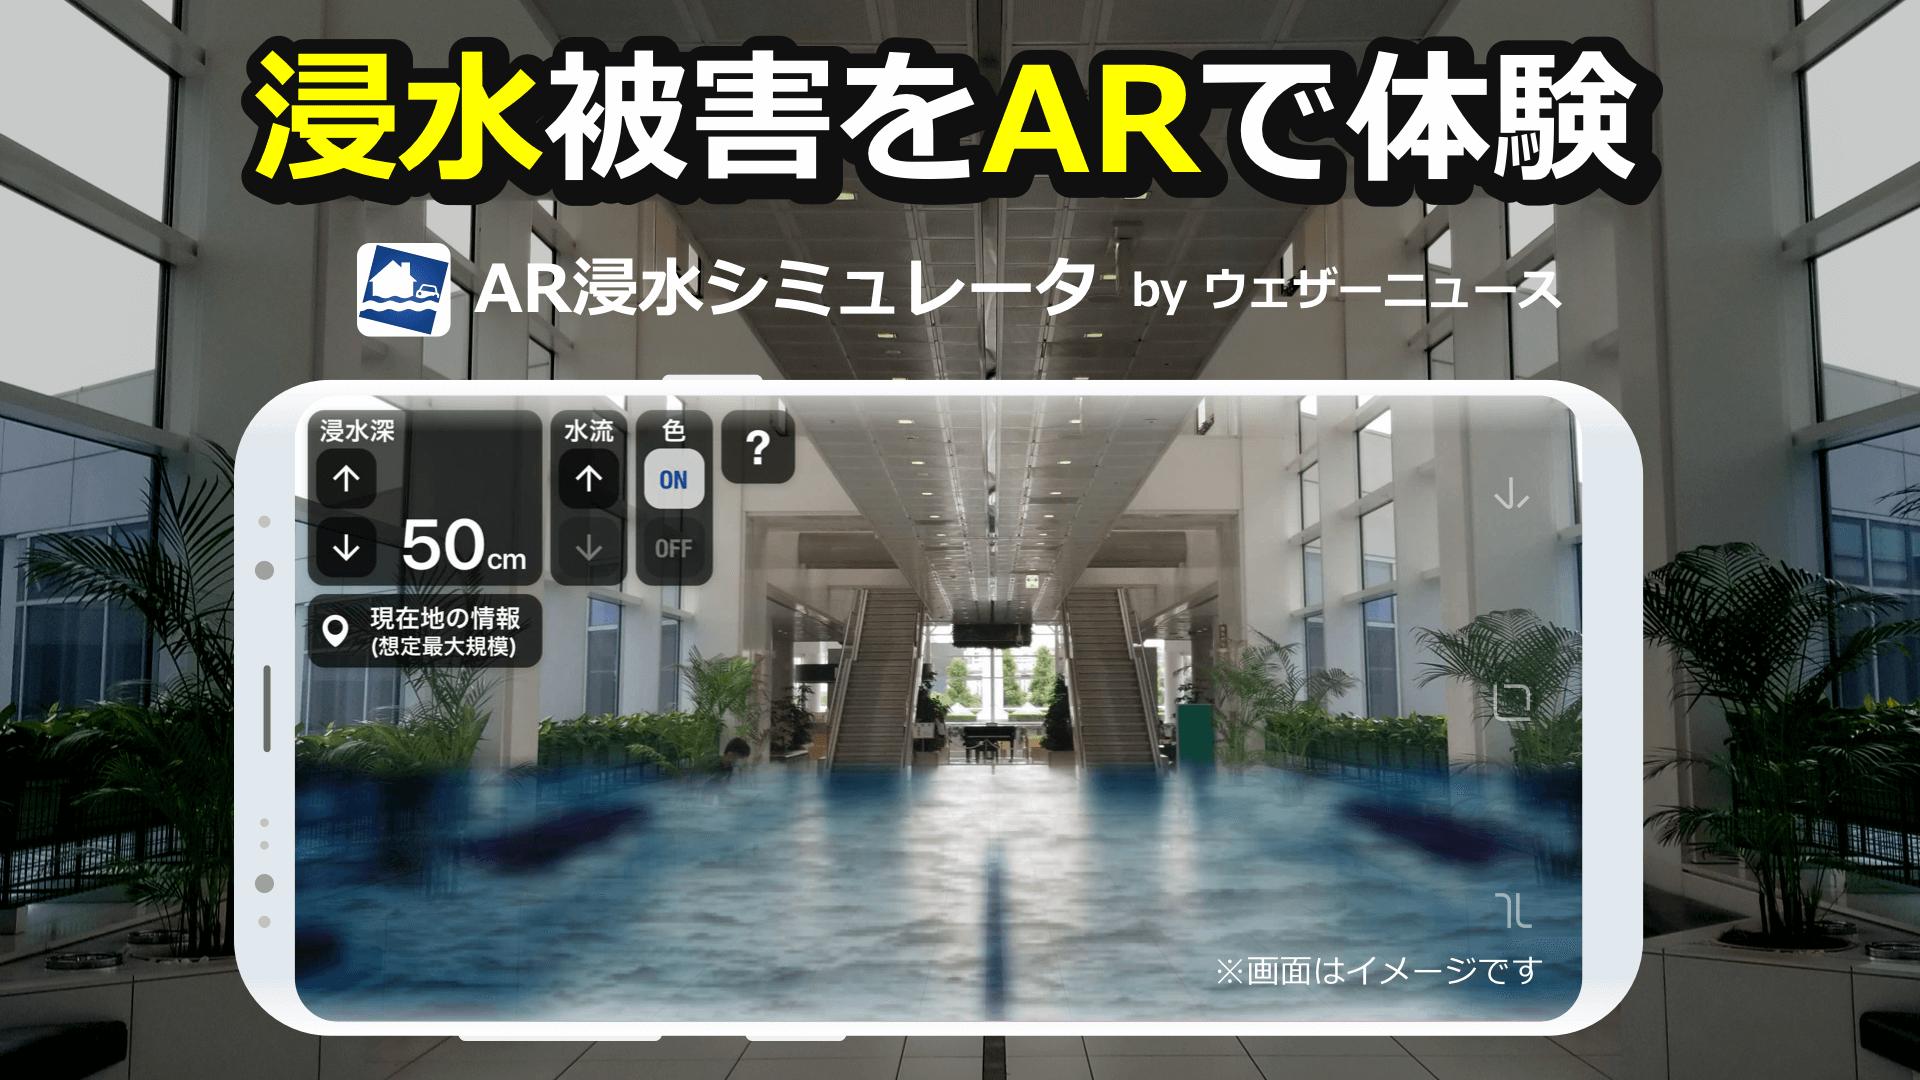 ウェザーニュース社、浸水被害をARで体感できる「AR浸水シミュレータ」をリリース